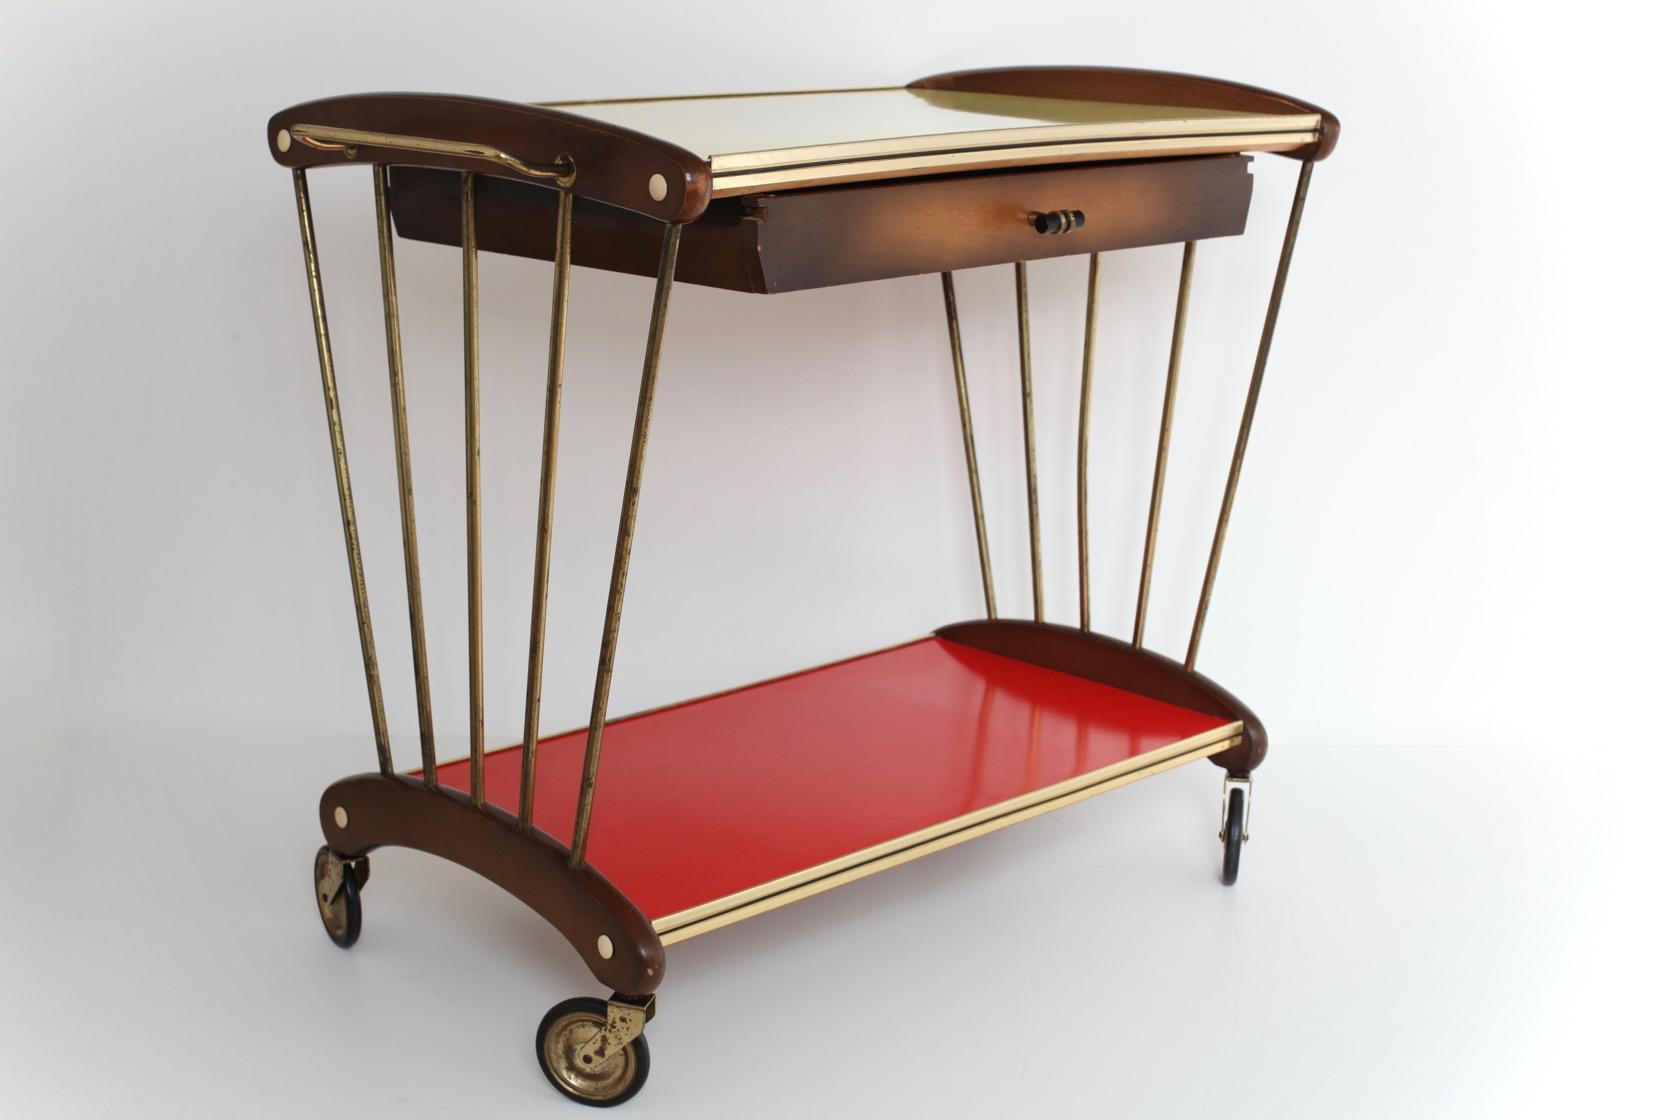 50ies servierwagen mit schublade raumwunder vintage wohnen in n rnberg. Black Bedroom Furniture Sets. Home Design Ideas